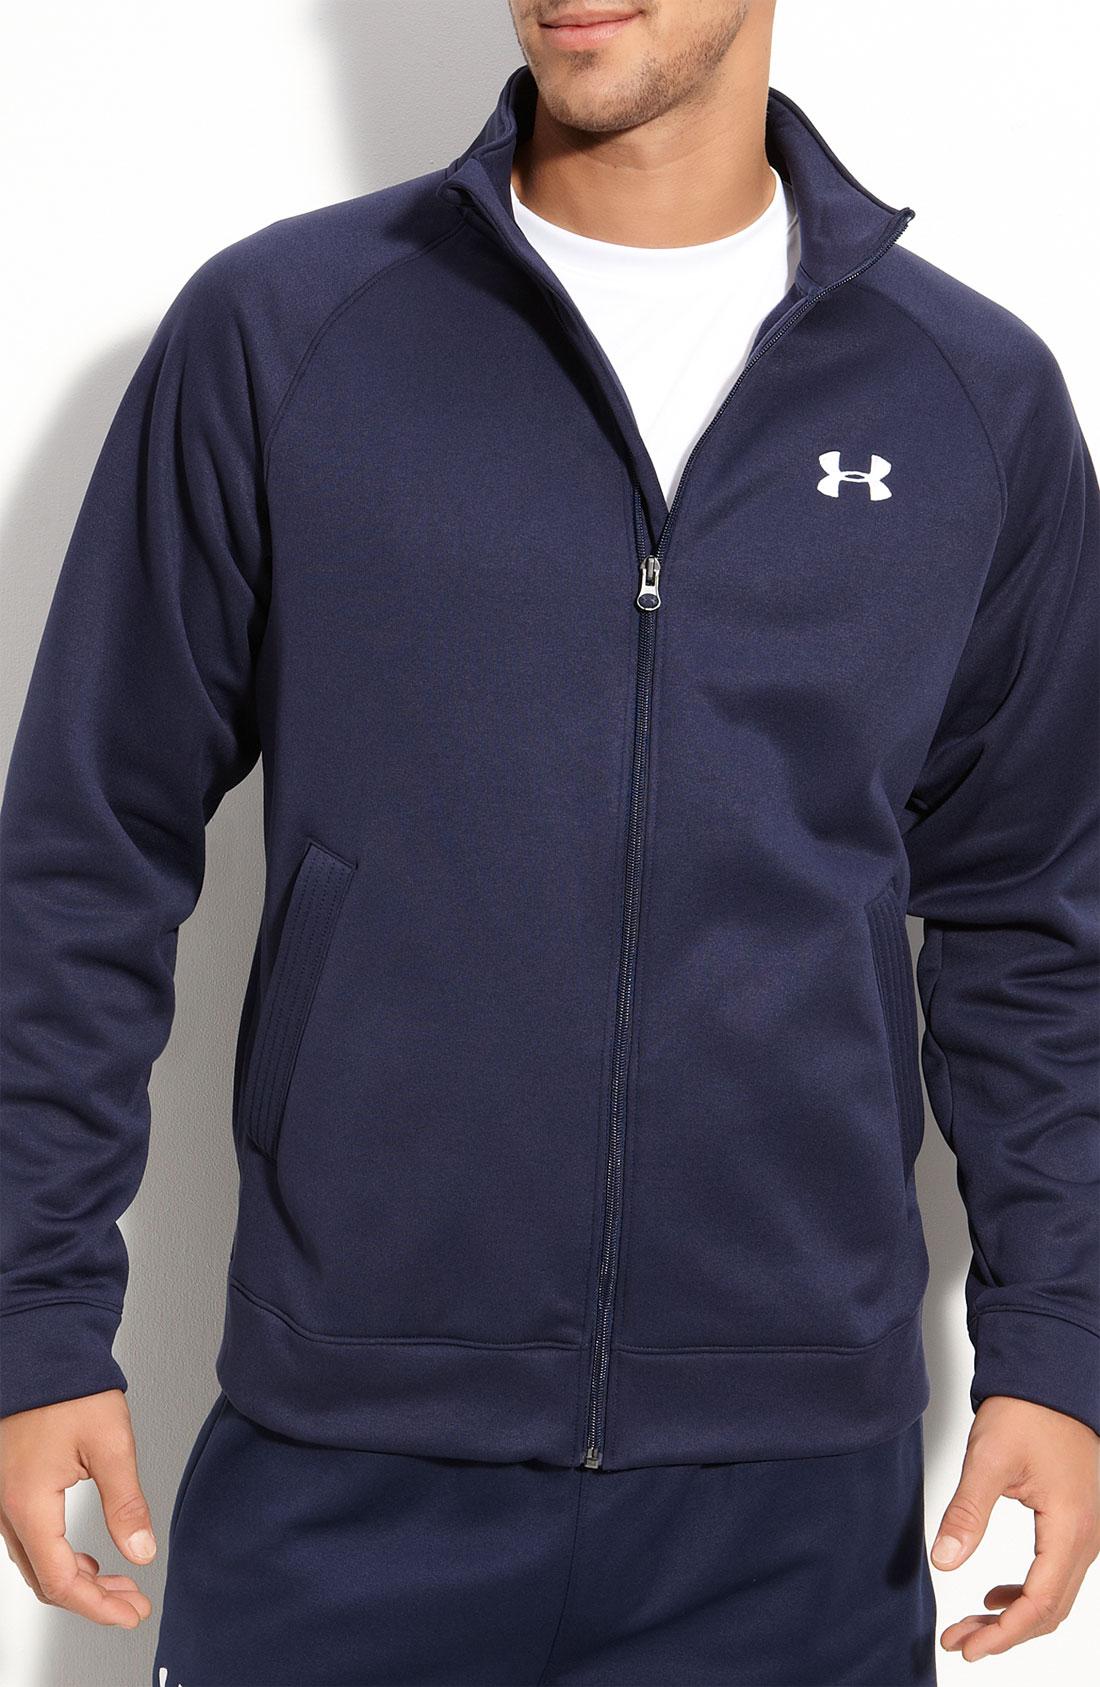 moncler jackets nordstrom